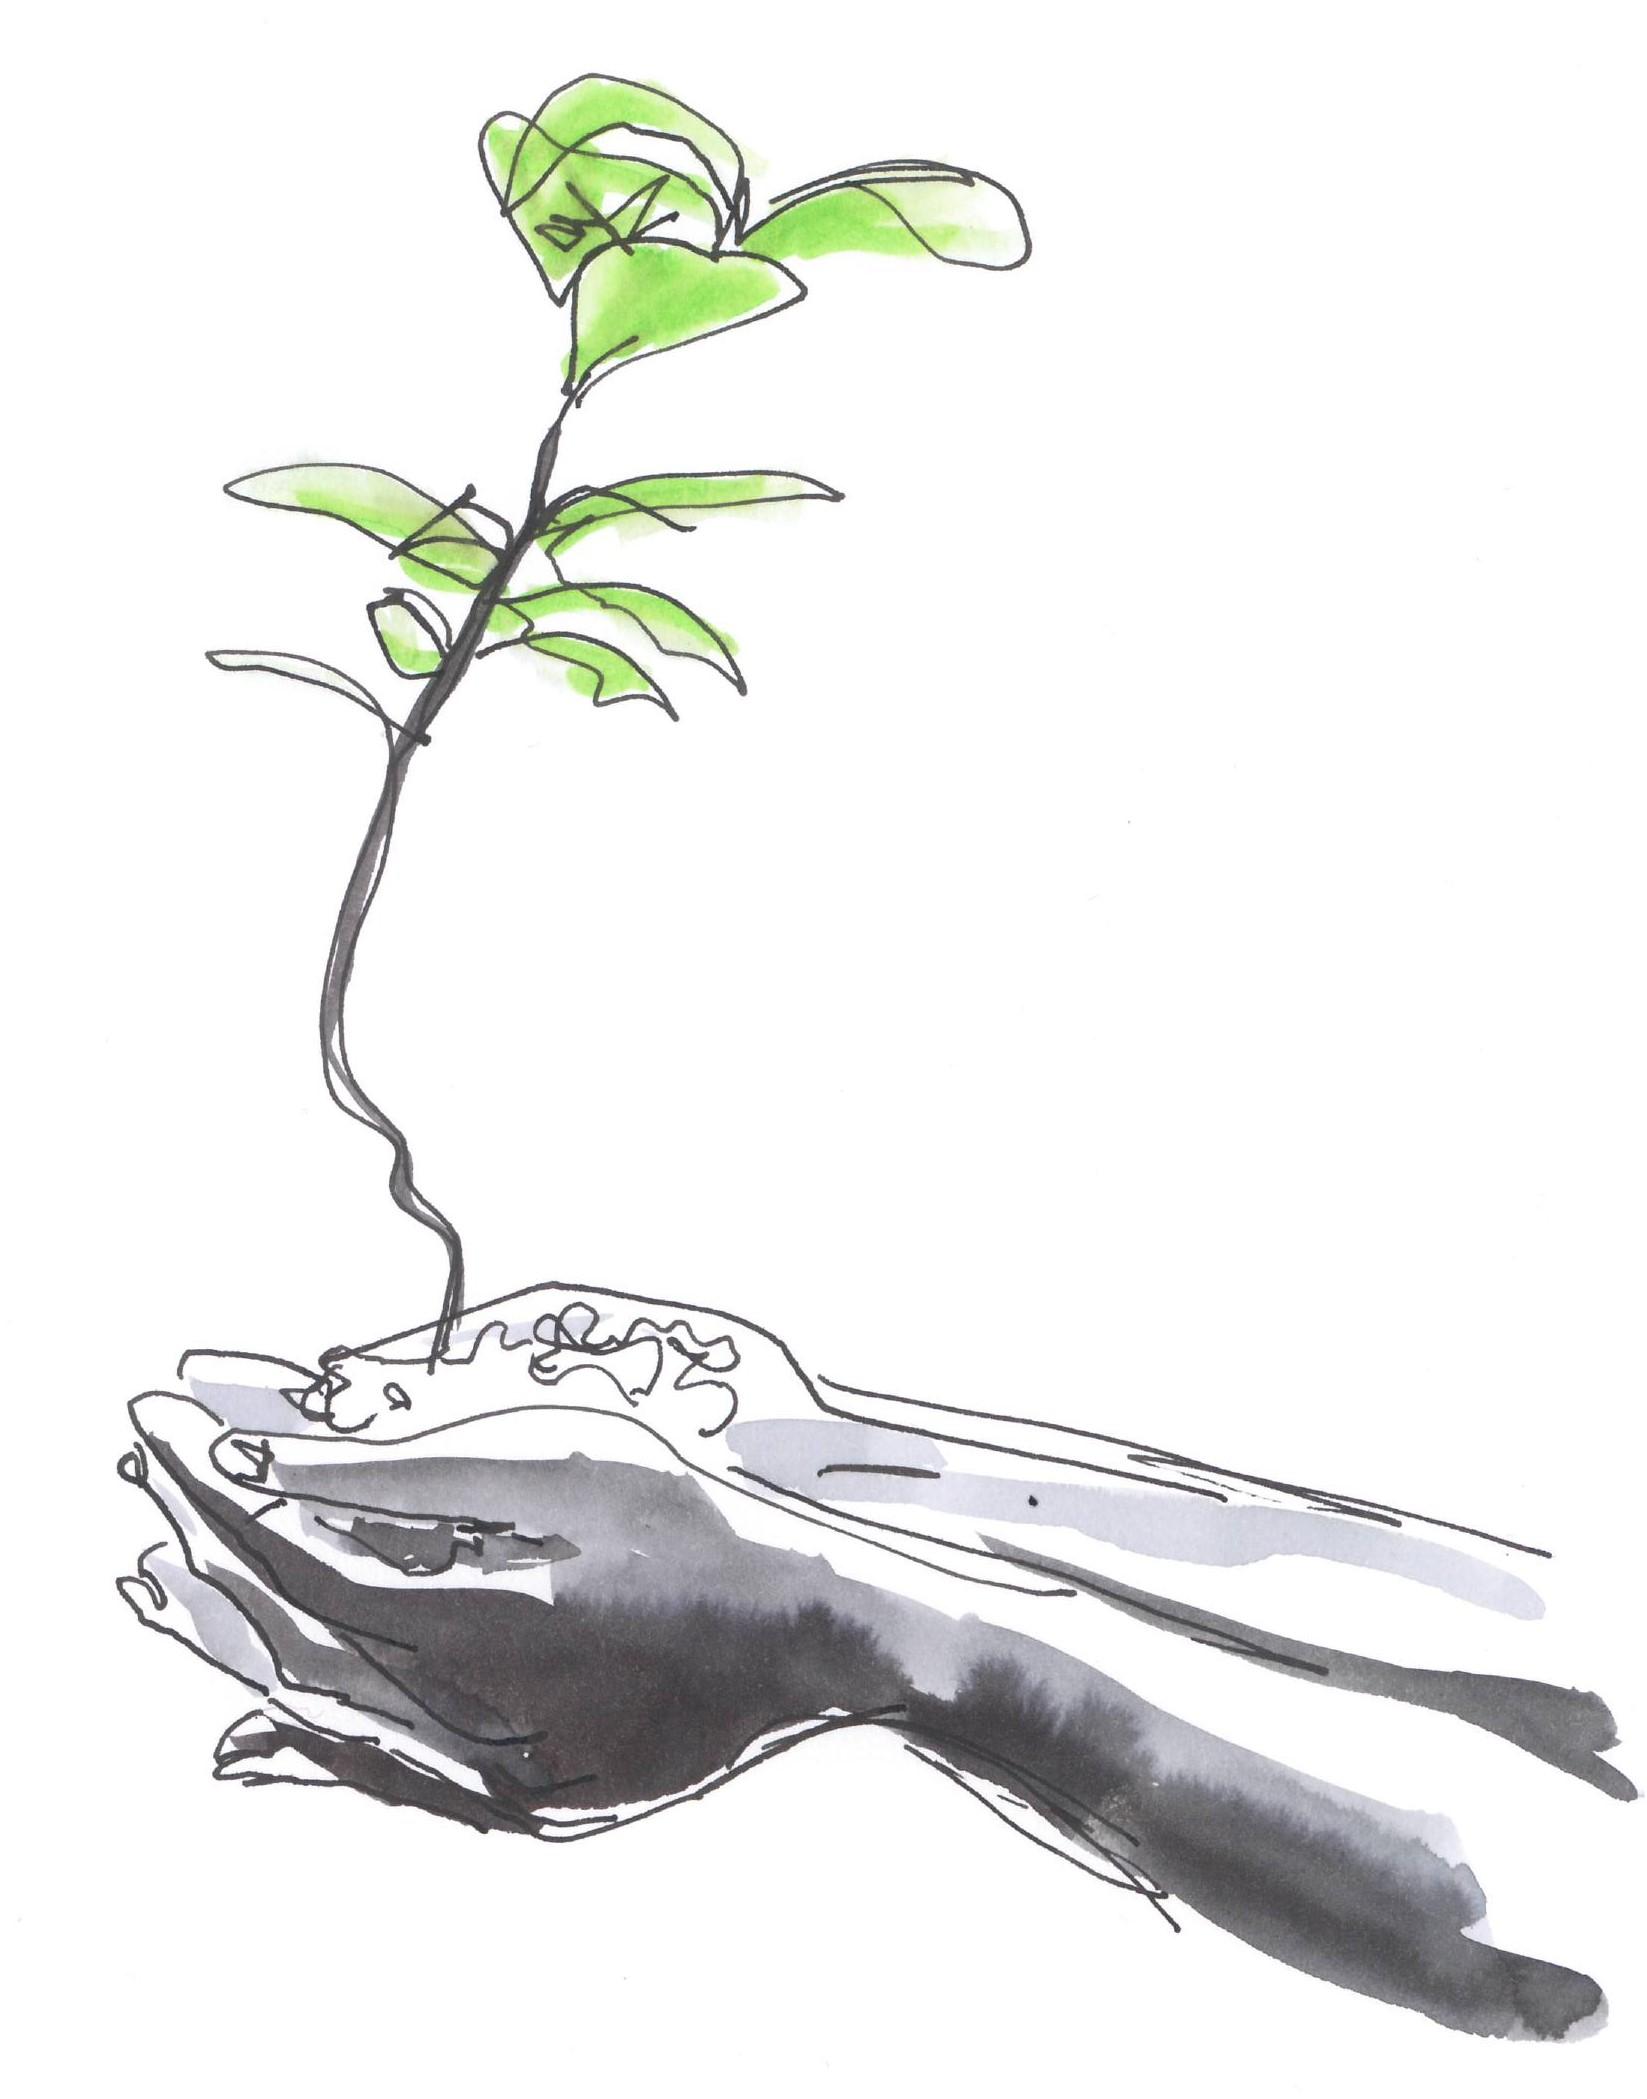 GDS Plante dans les mains.jpg